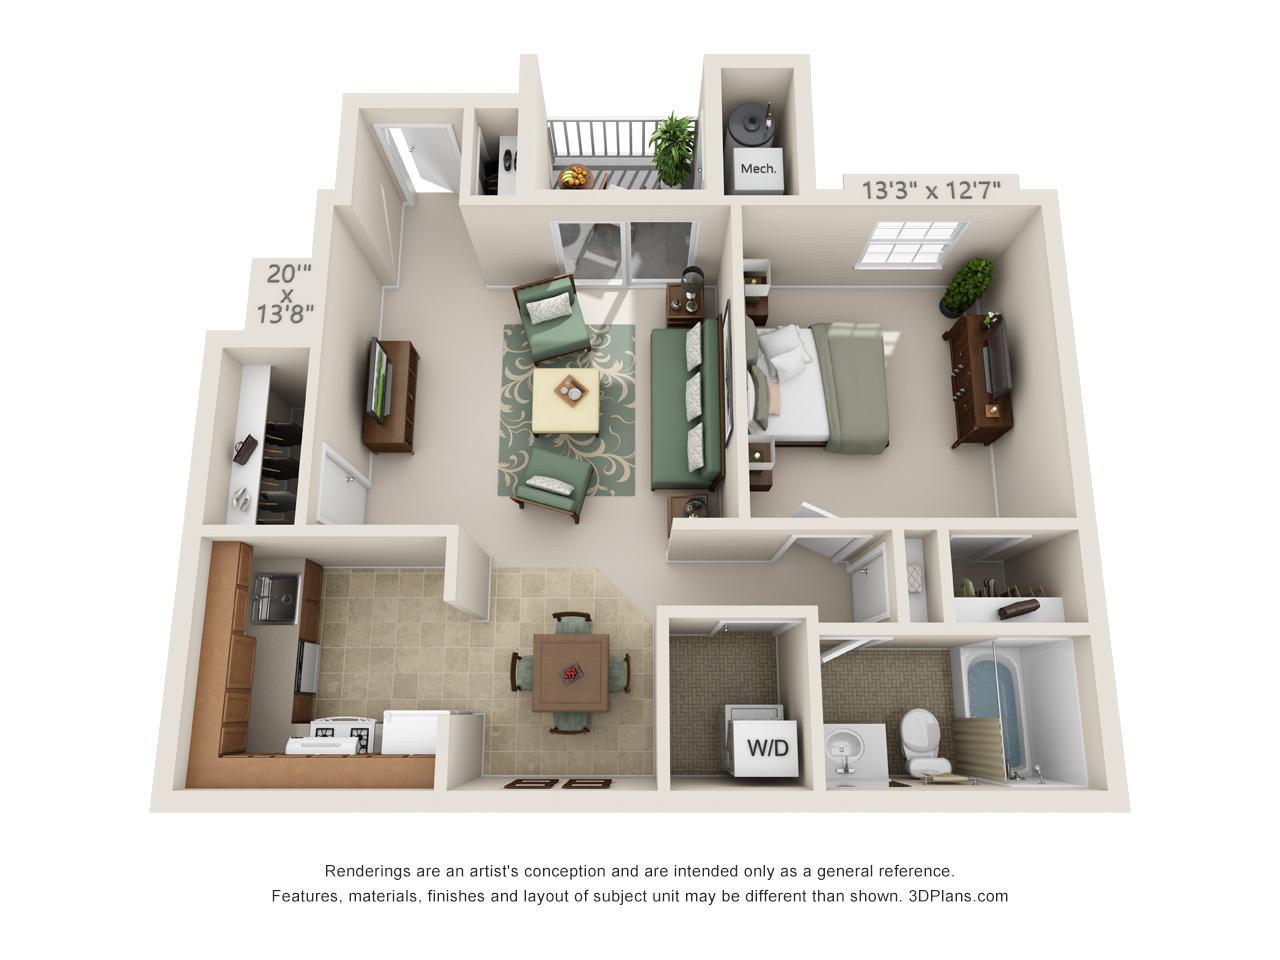 one bedroom mount laurel apartments